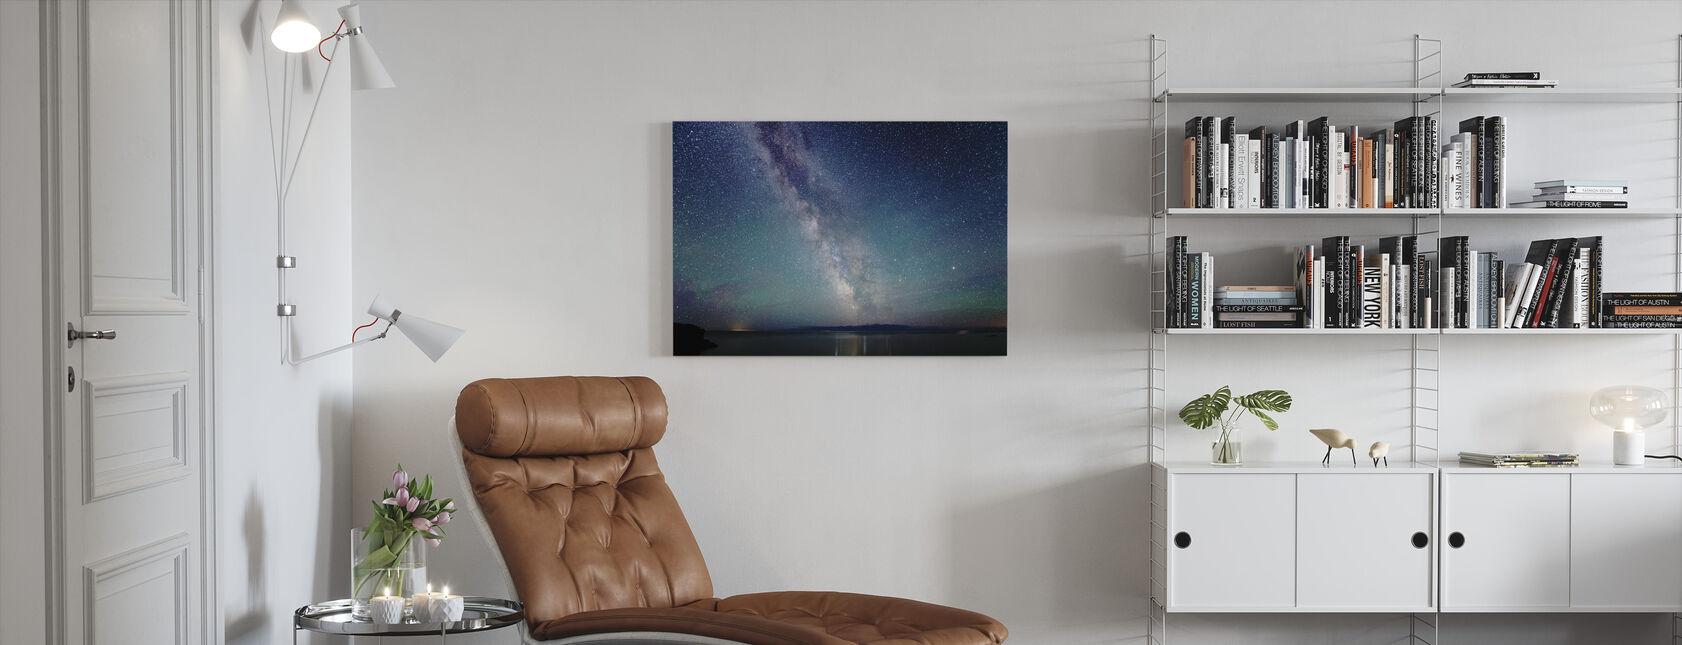 Milchstraße Nachthimmel - Leinwandbild - Wohnzimmer